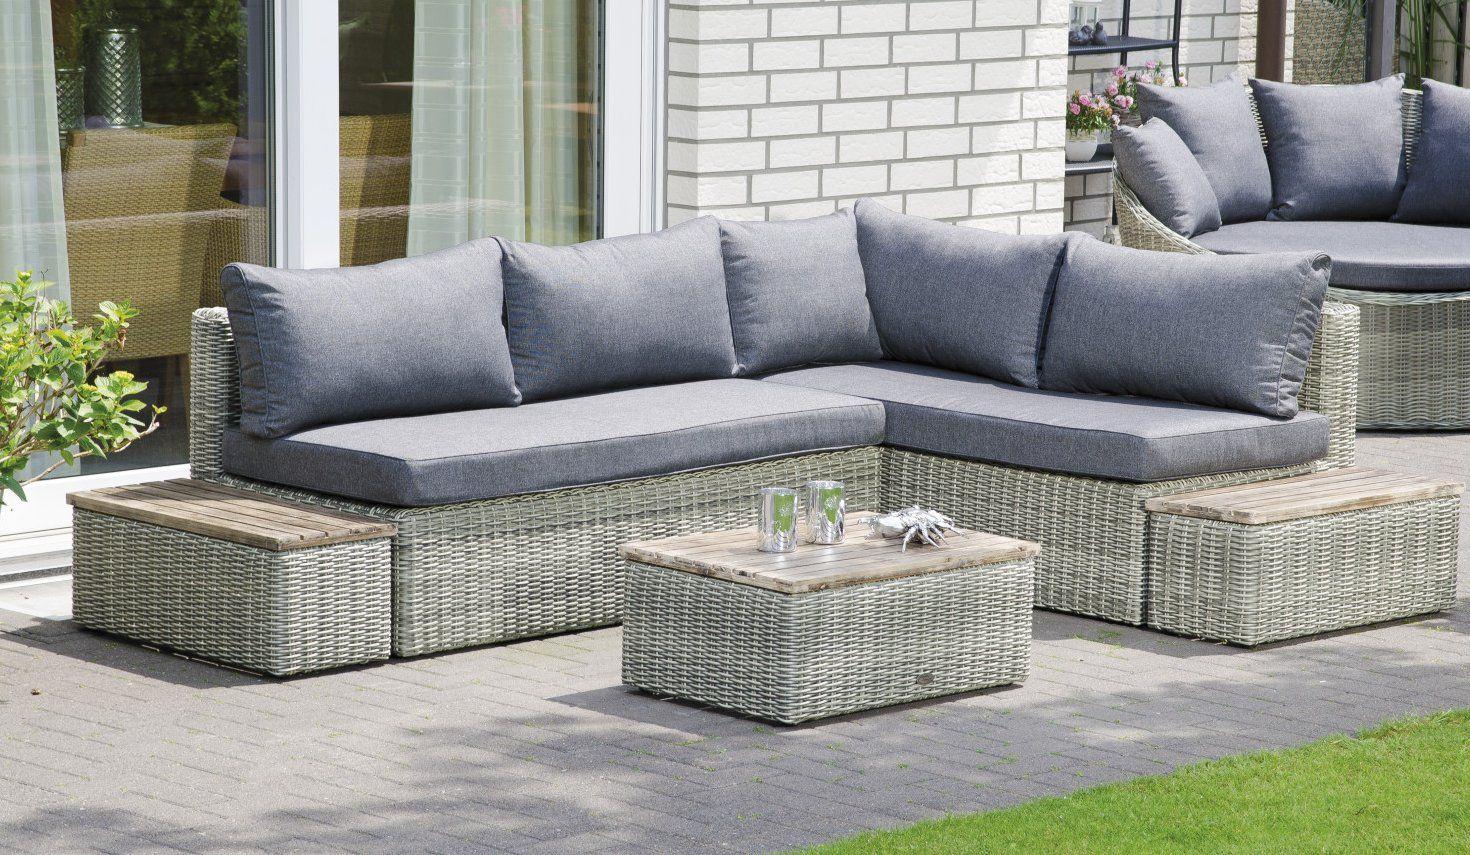 Garten Eckcouch Mit Polsterkissen Lounge Mobel Sitzgruppe Lounge Garnitur